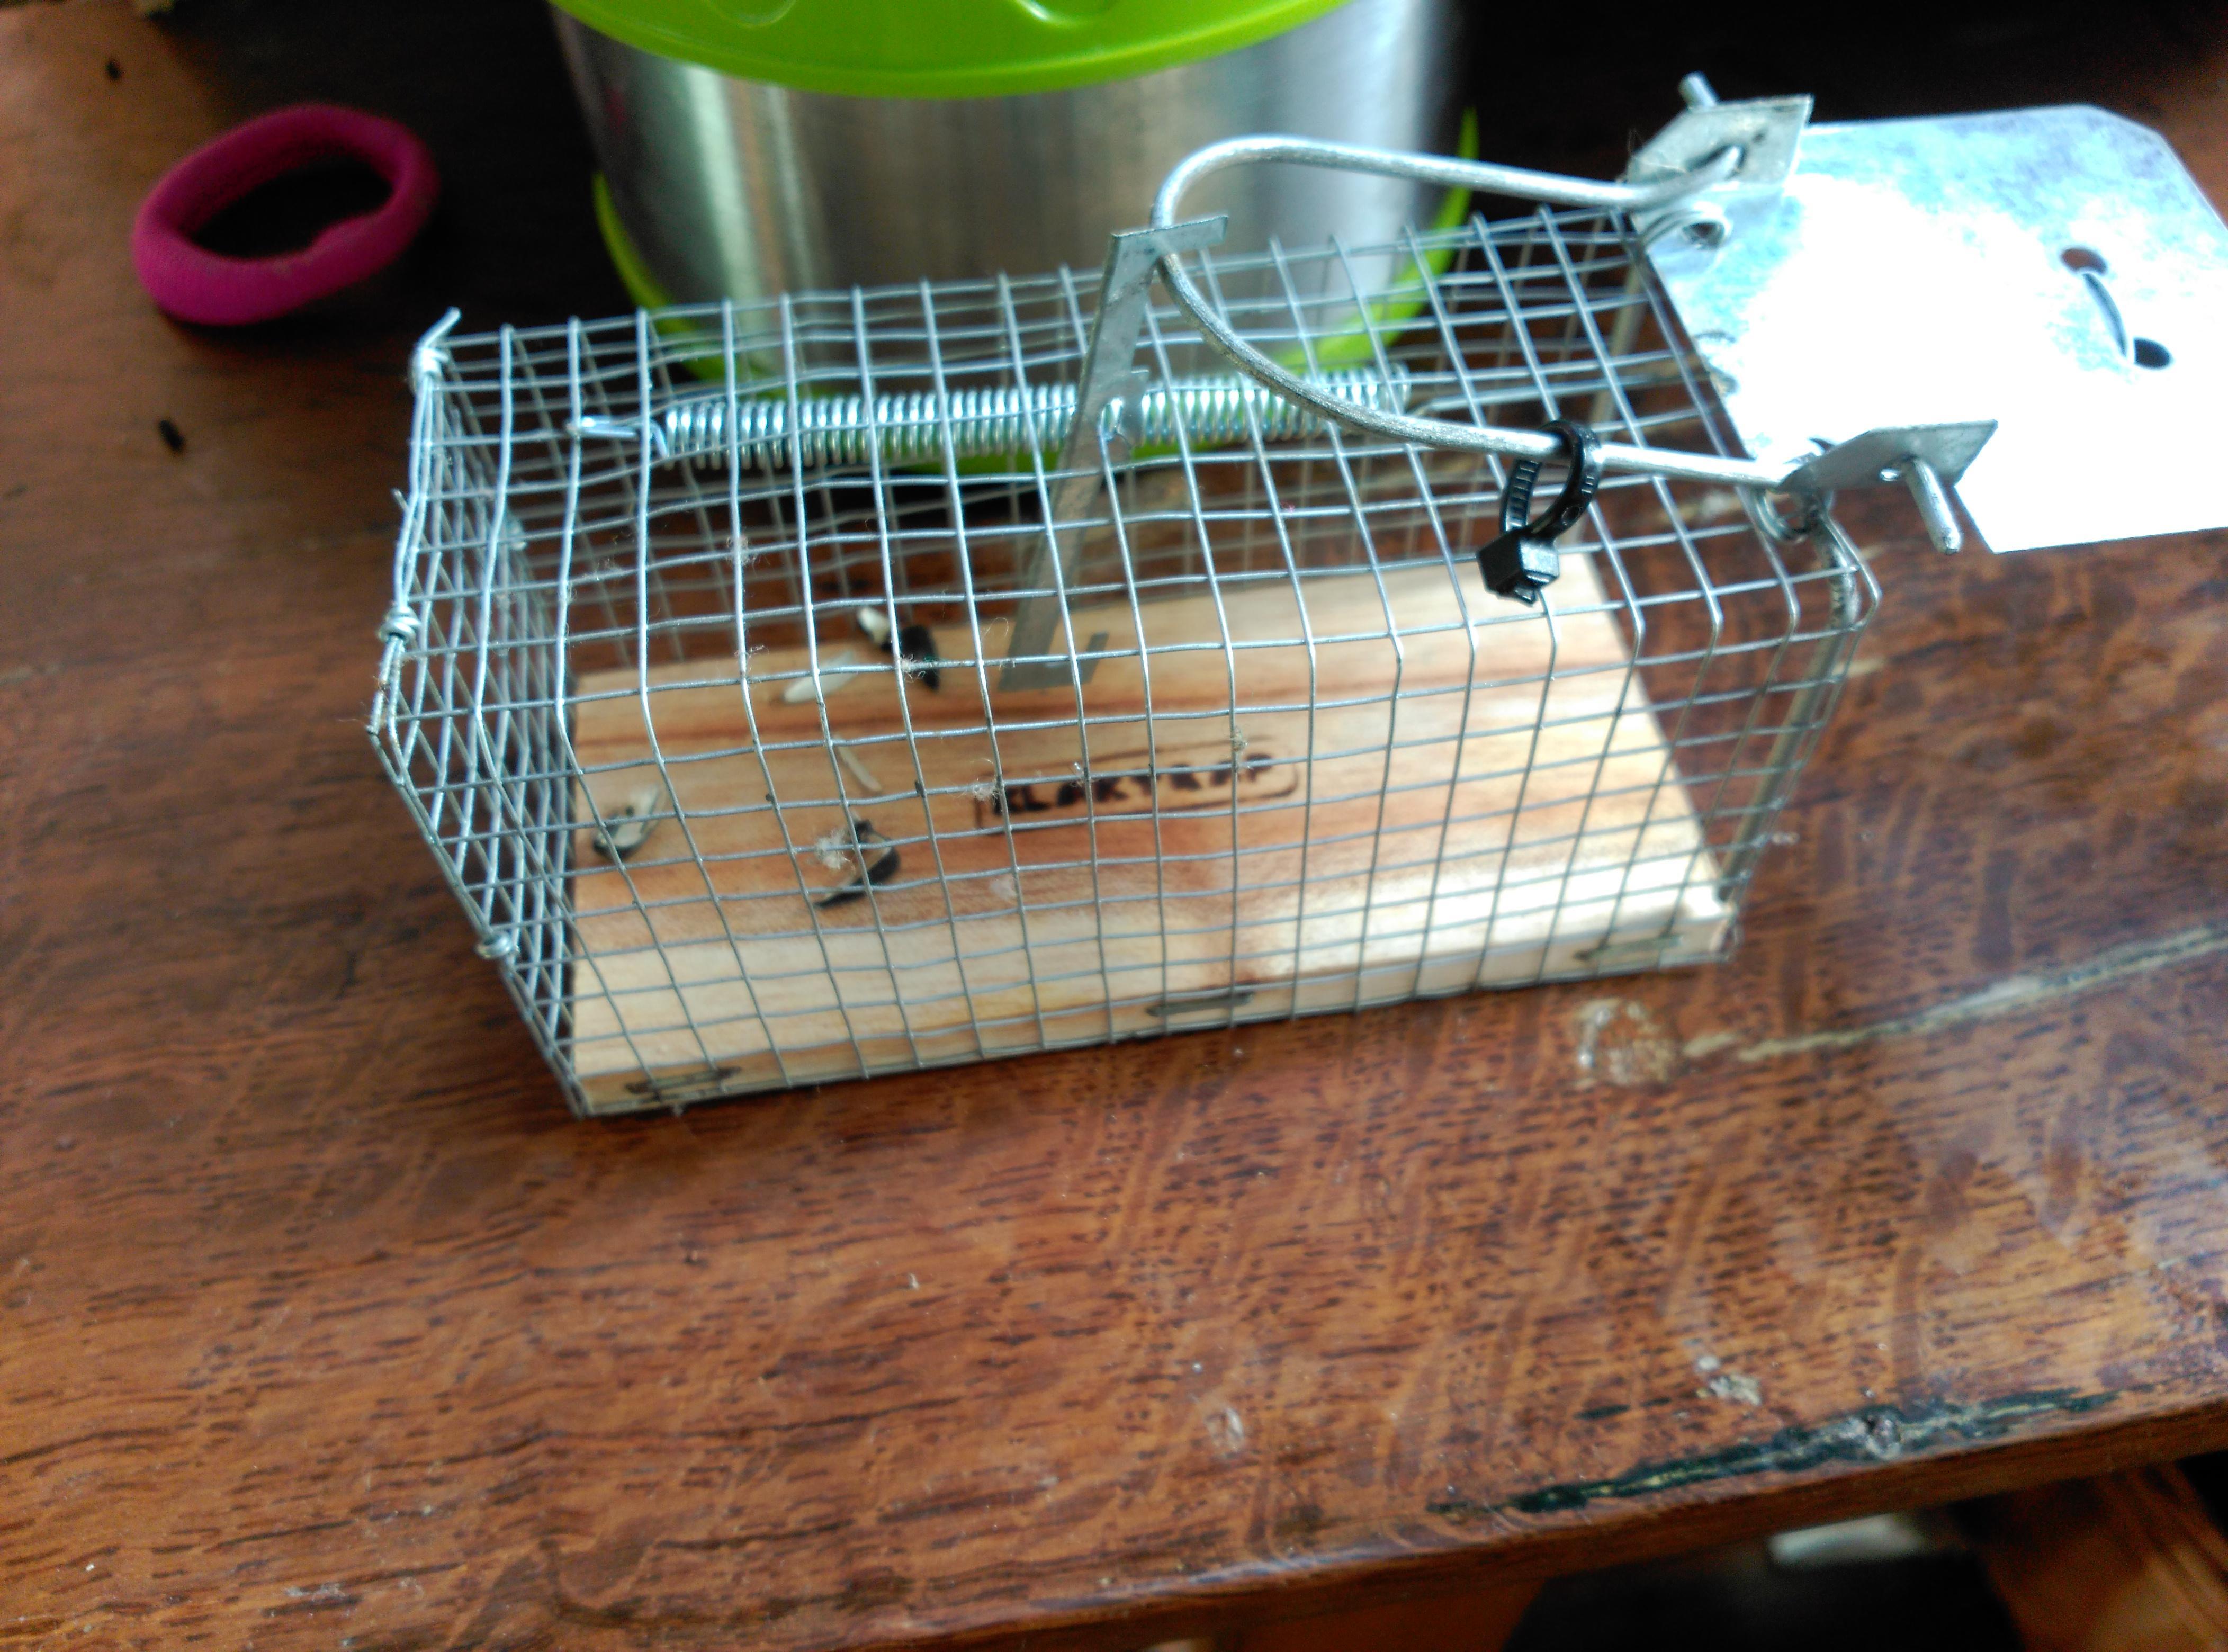 Trampa ratón vivo | El Patio Viviente